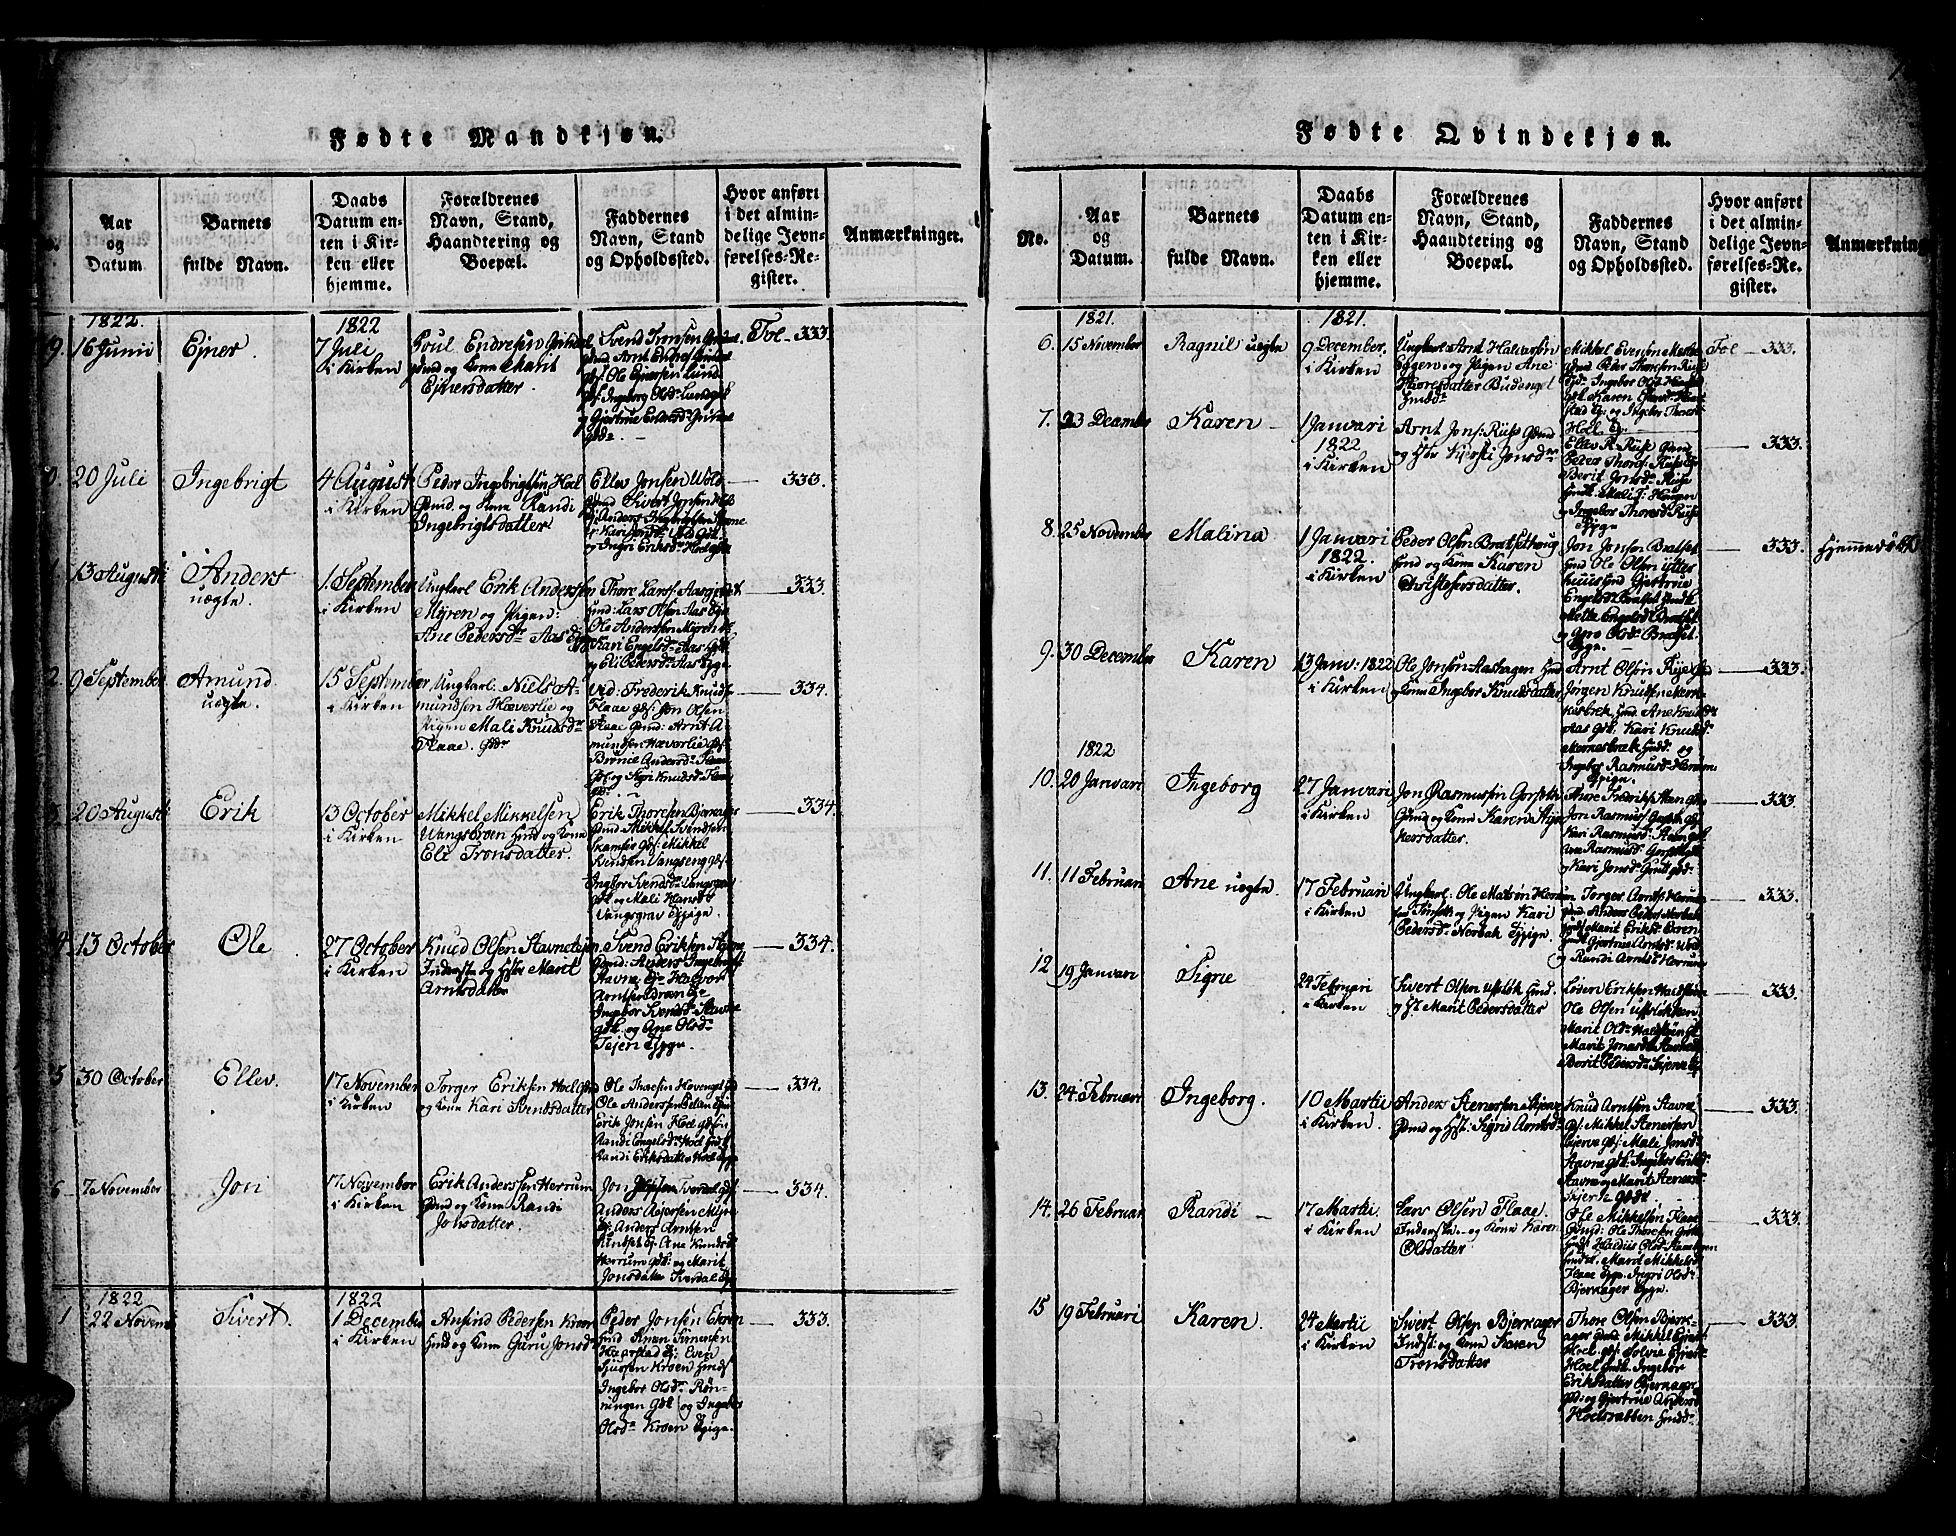 SAT, Ministerialprotokoller, klokkerbøker og fødselsregistre - Sør-Trøndelag, 674/L0874: Klokkerbok nr. 674C01, 1816-1860, s. 18